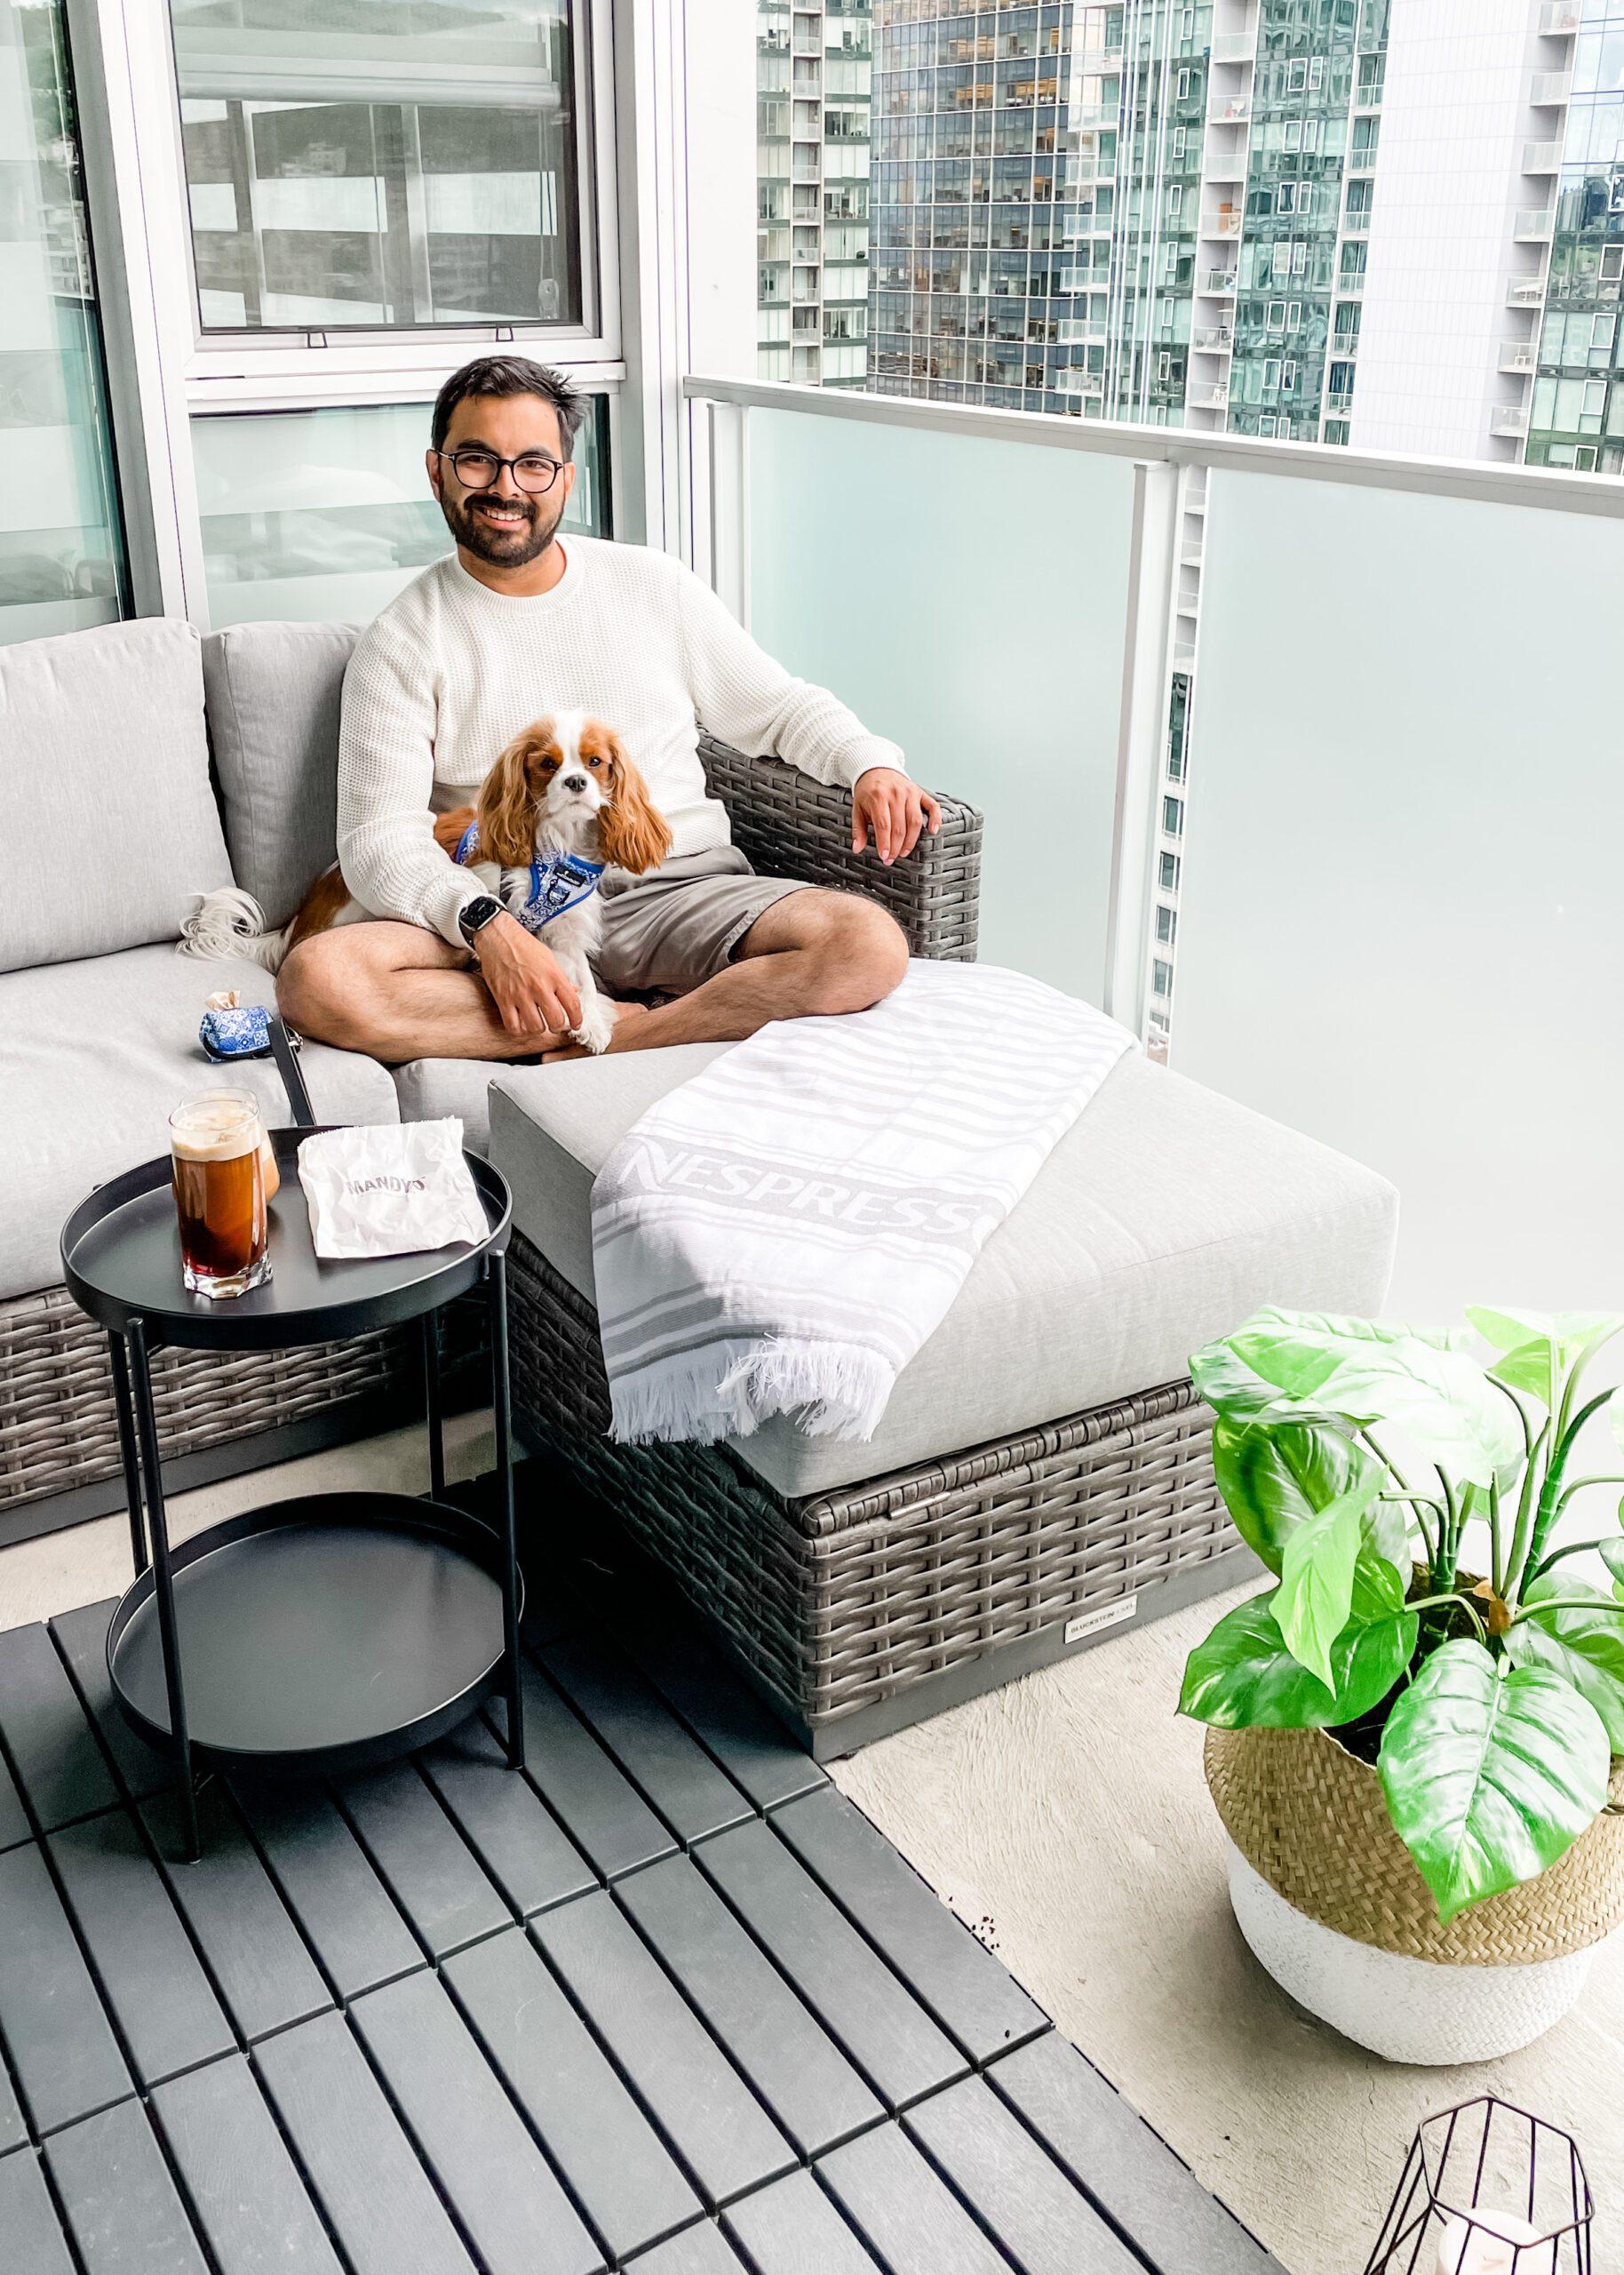 dog-friendly balcony